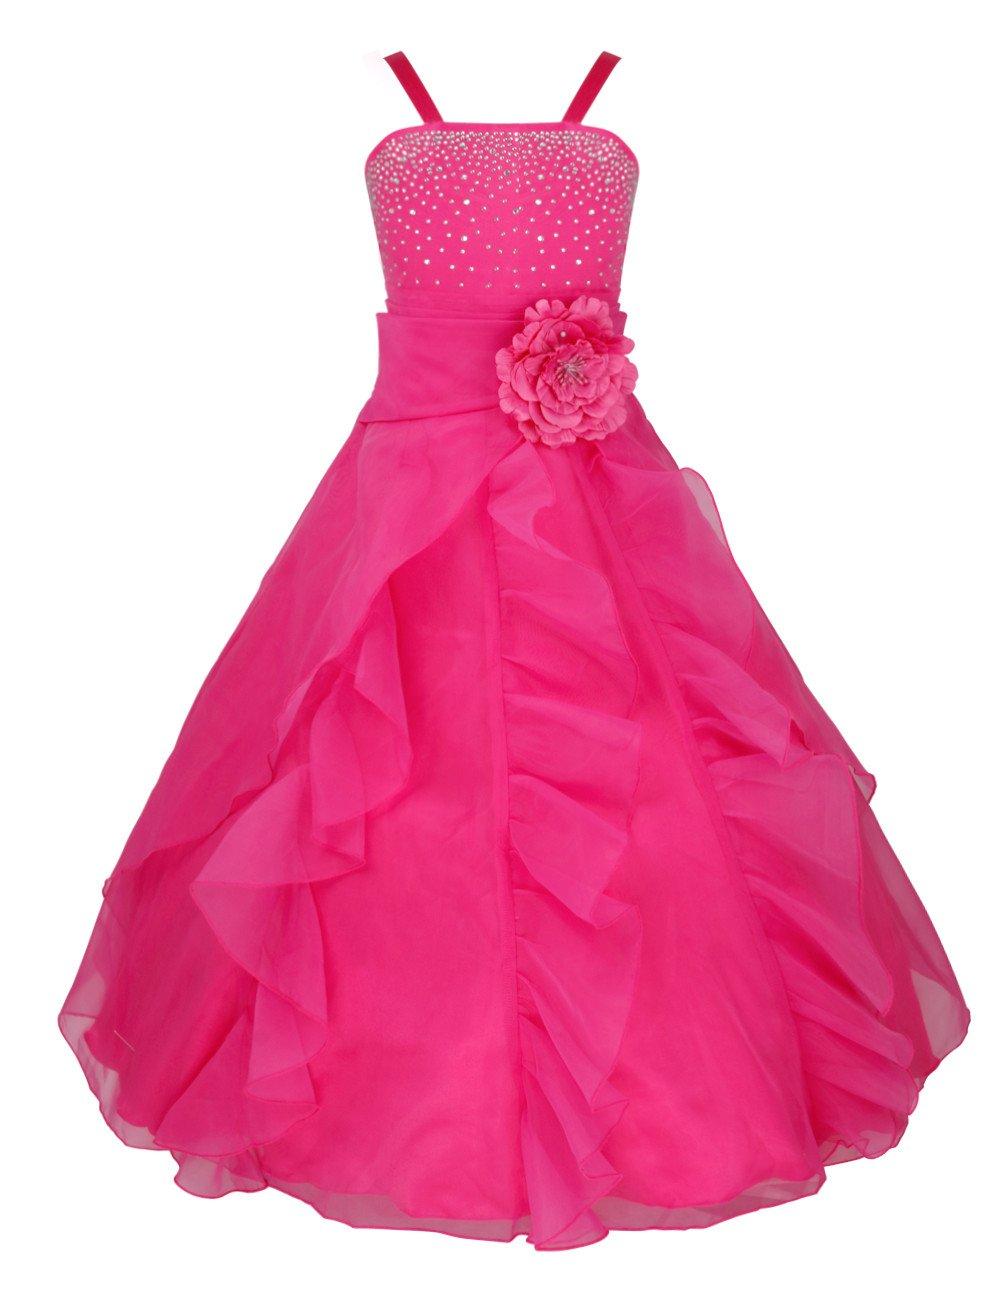 770cb24e9e3 YiZYiF Enfant Filles Robe Mariage Demoiselle robe Bustier Paillettés Jupe  Longue Organza 2-14 Ans